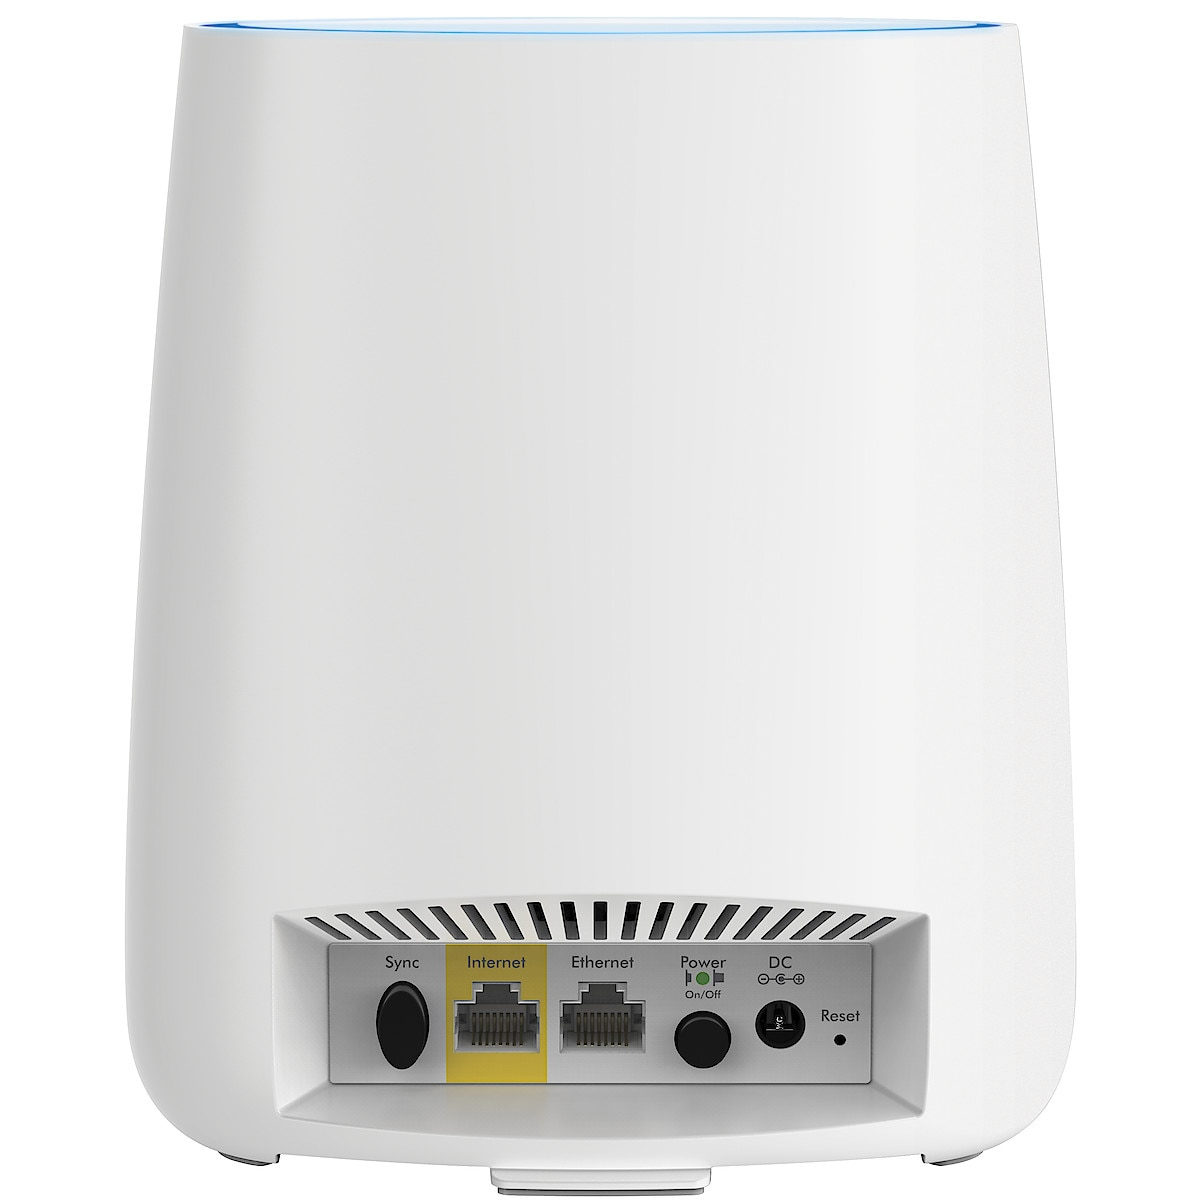 Netgear Orbi RBK20 Mesh-system